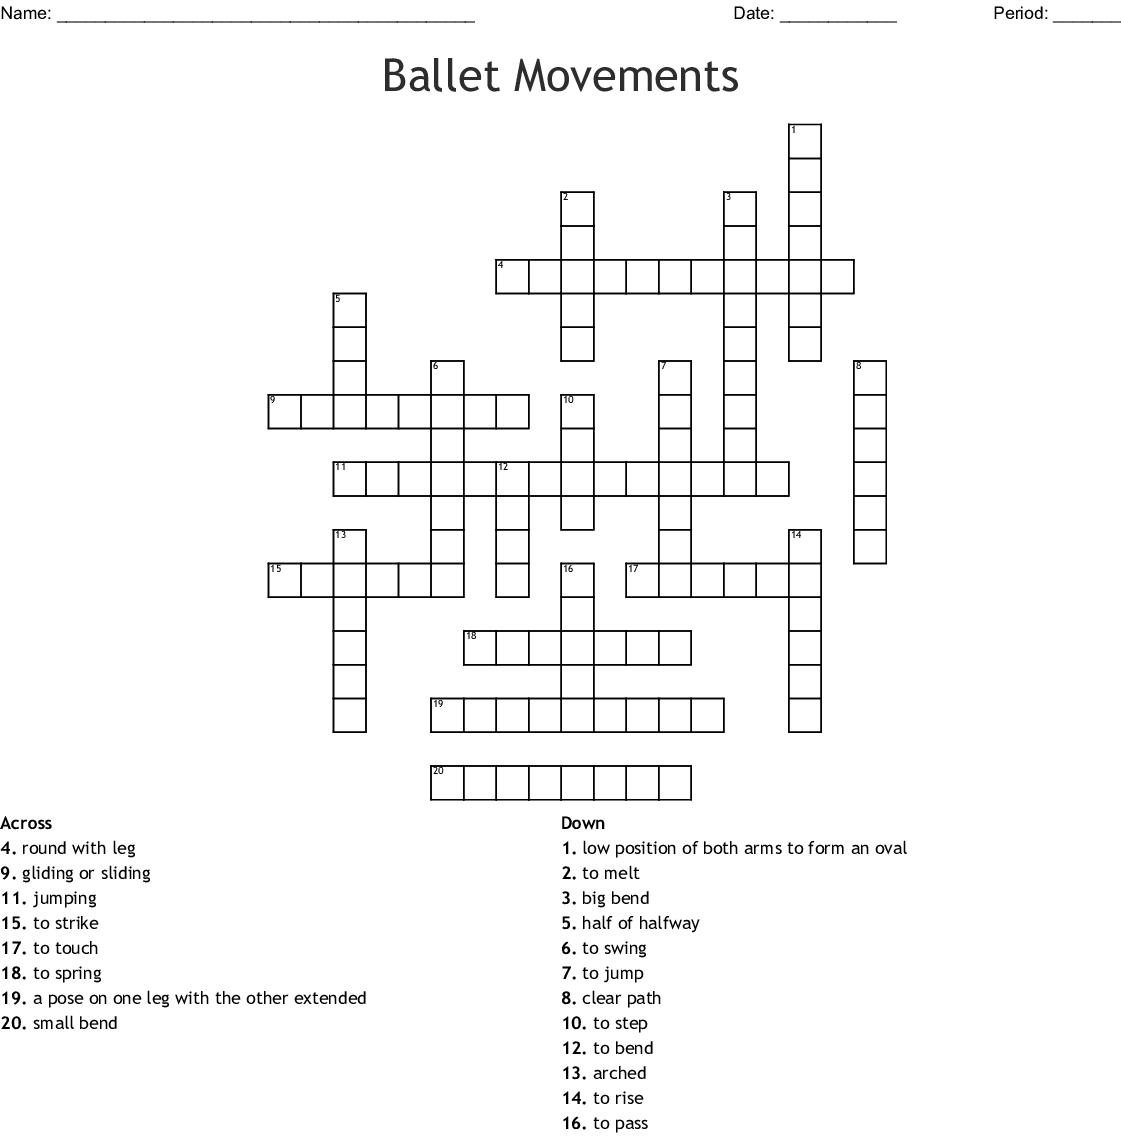 Ballet Movements Crossword